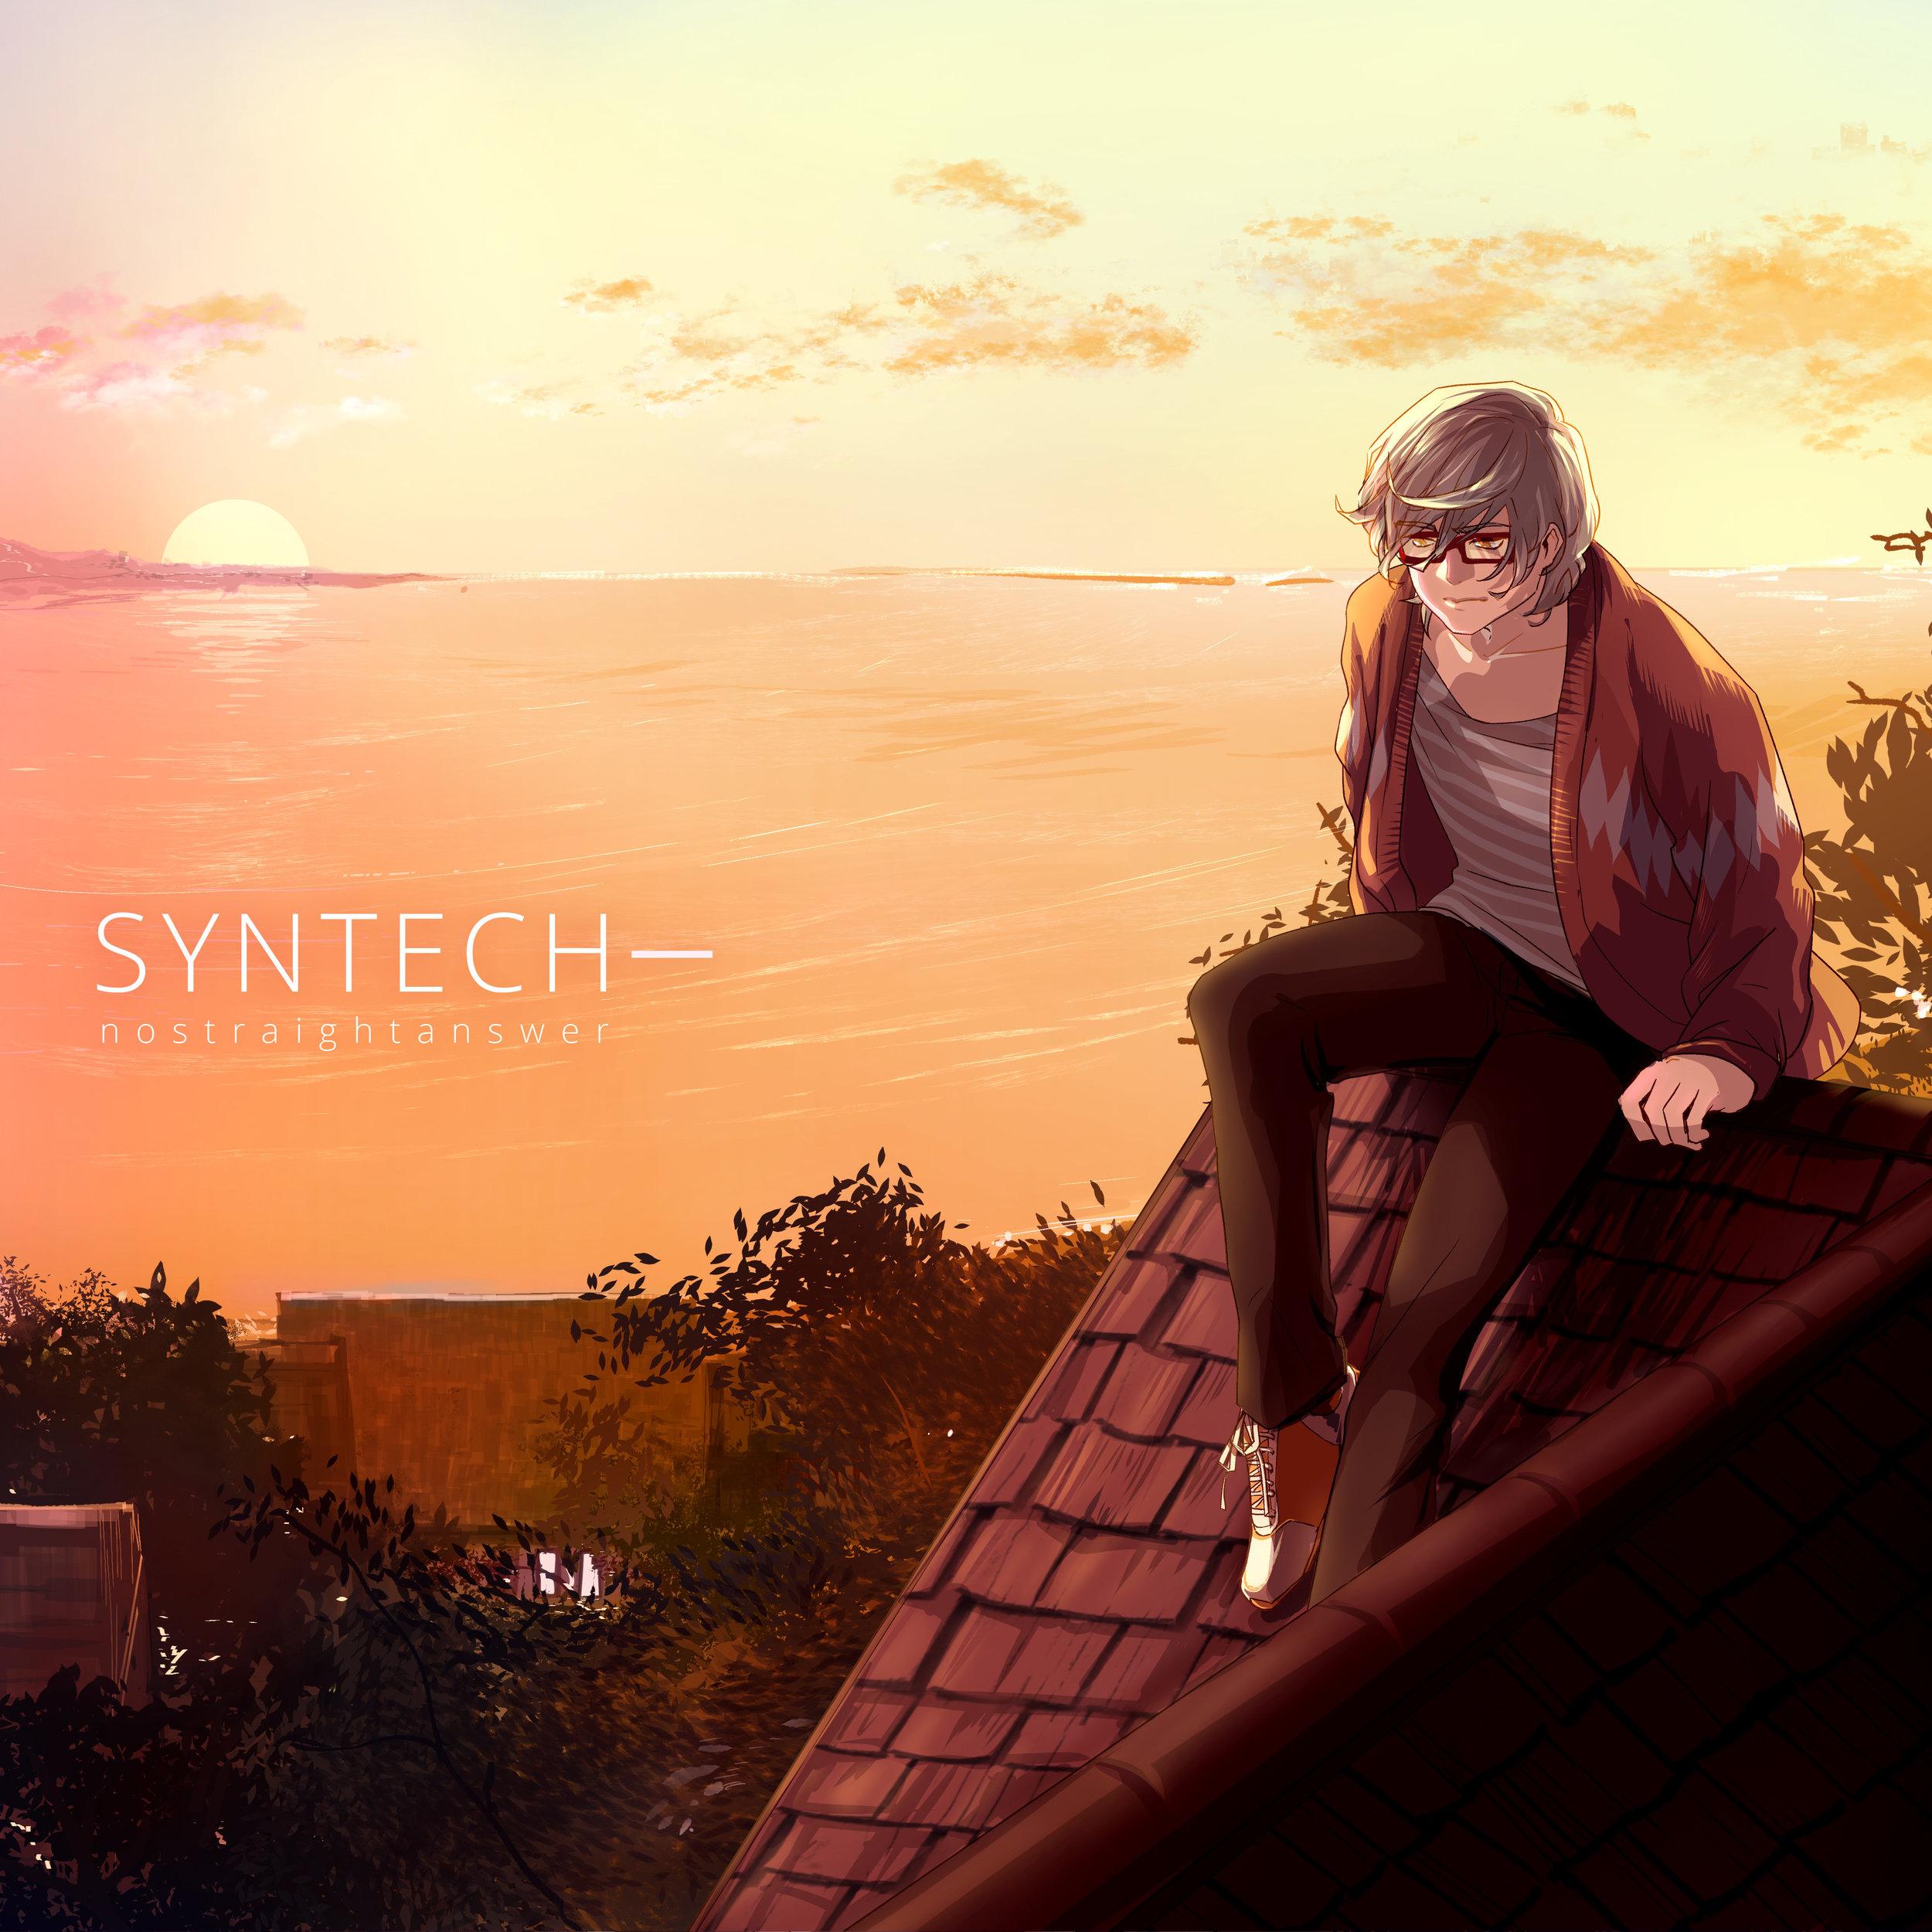 syntech_minus-art.jpg